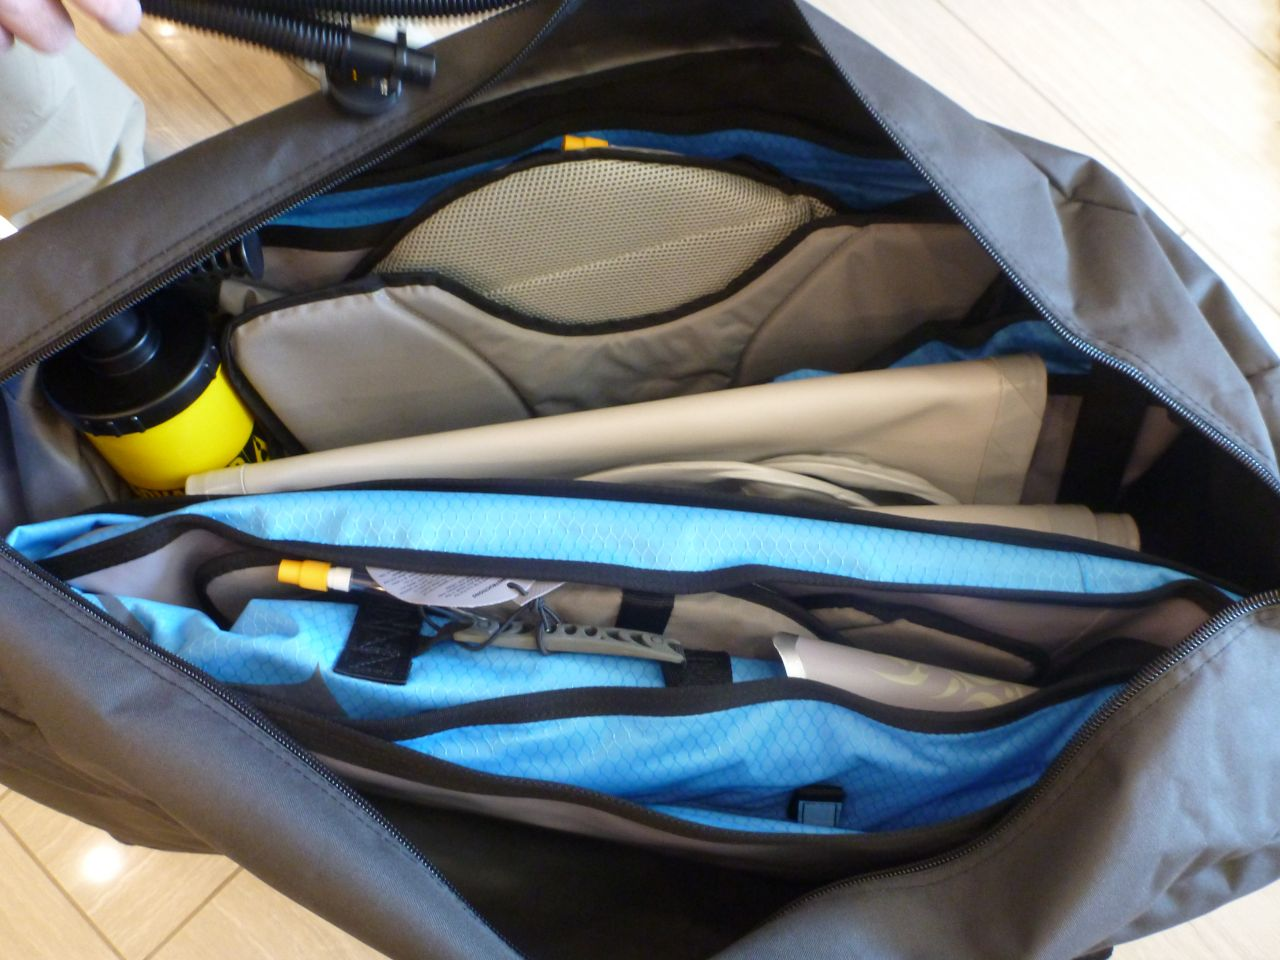 Kayak Neatly Packed In Bag